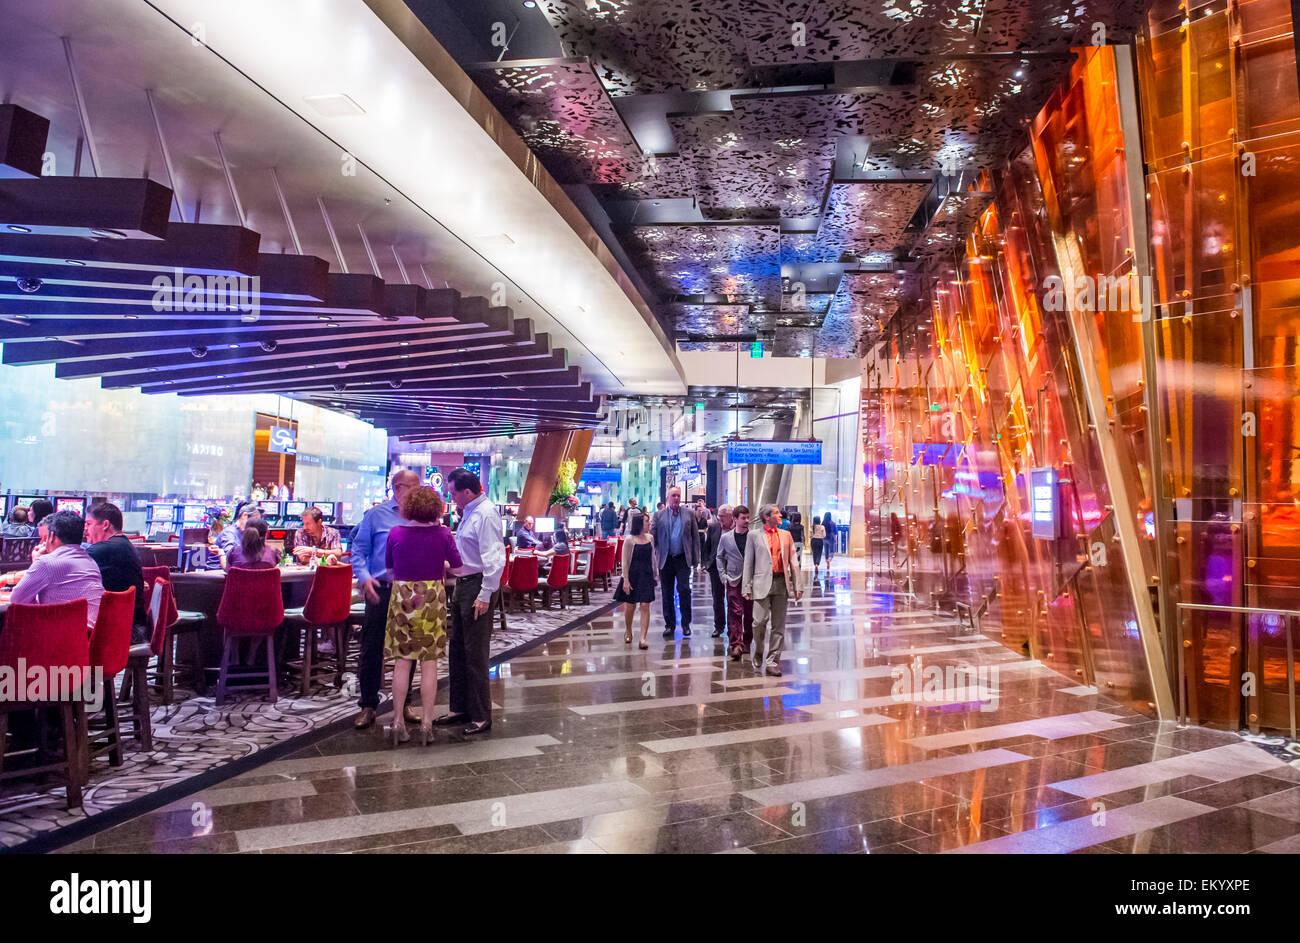 aria resort & casino las vegas